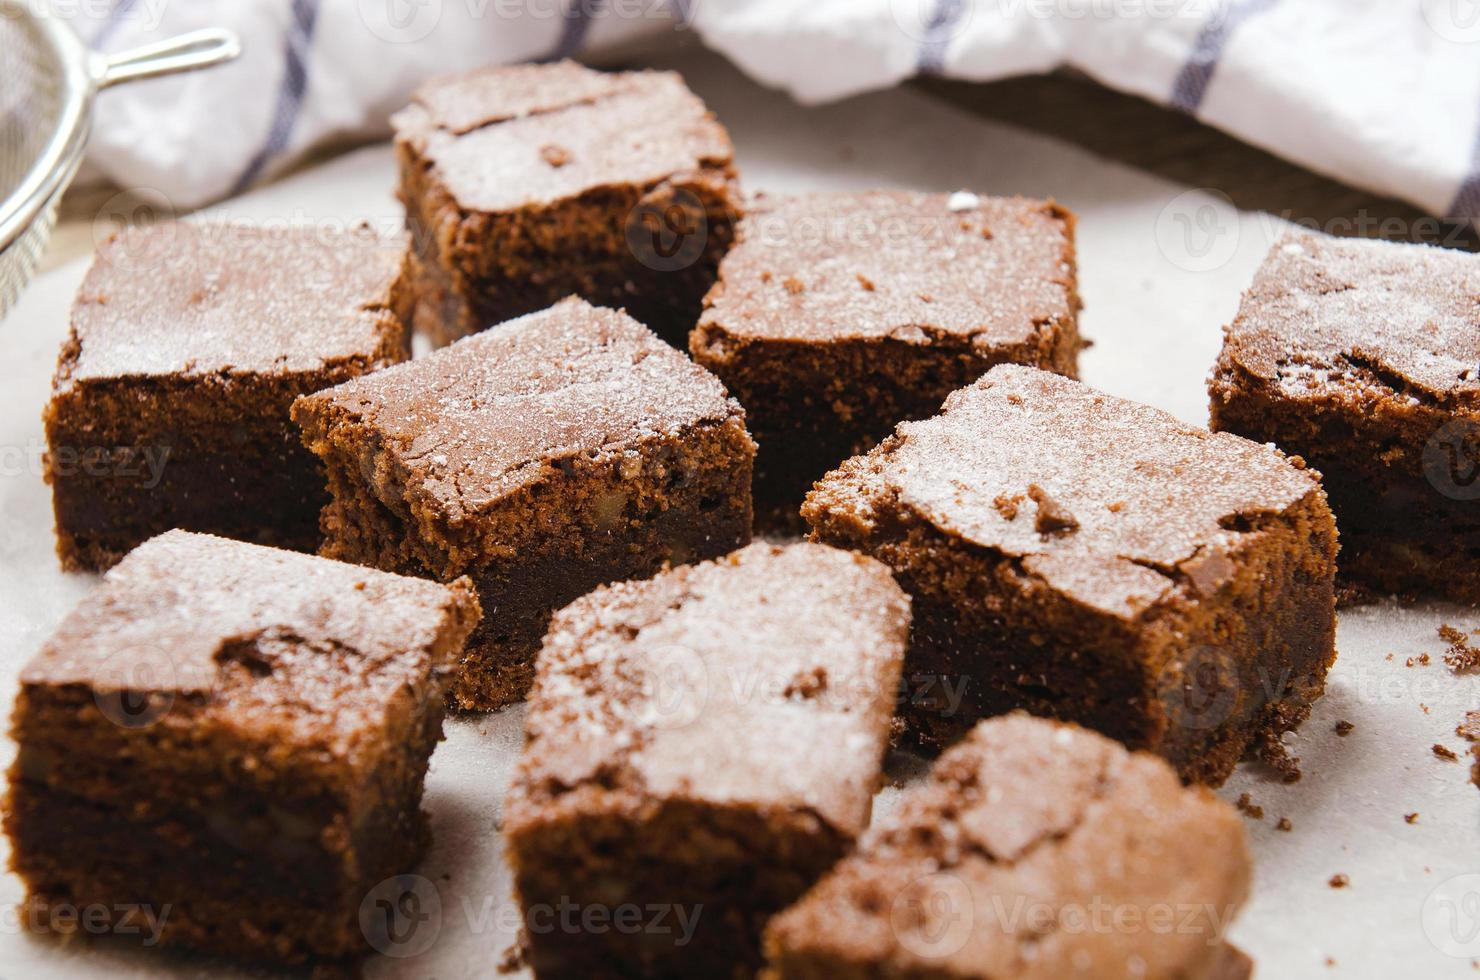 chocolade brownie in blokjes gesneden bakpapier op houten tafel met een foto